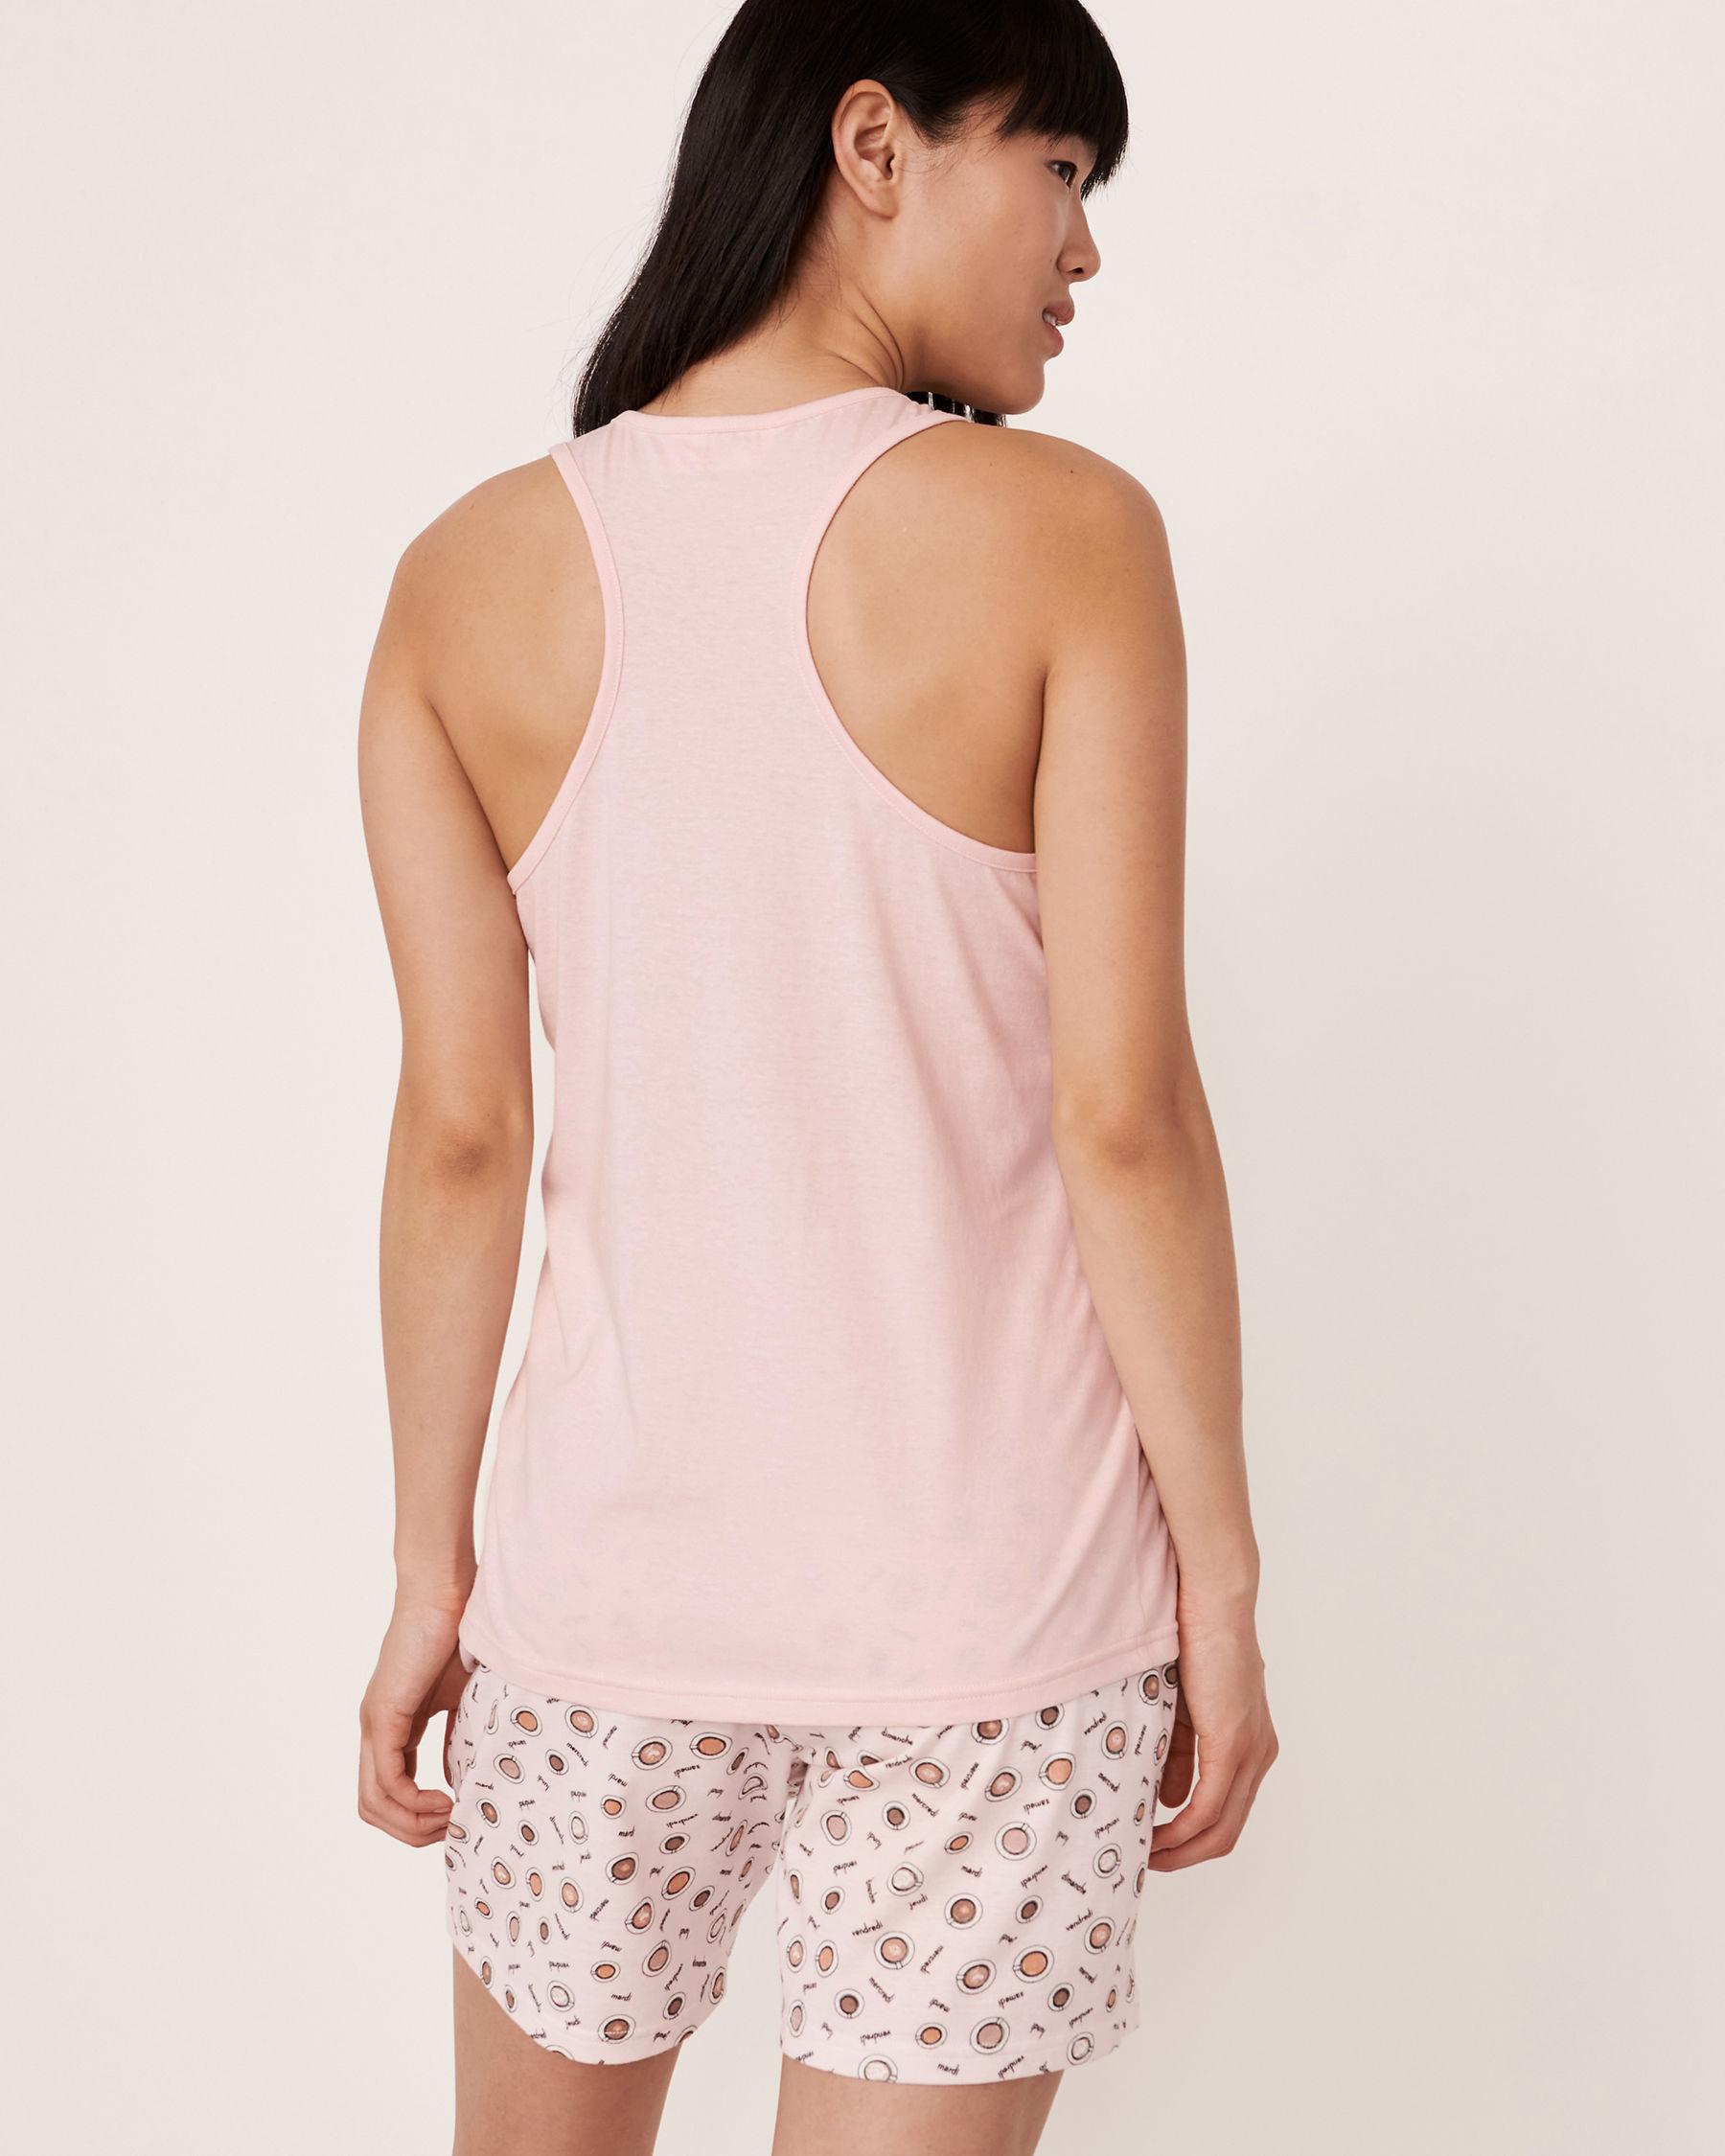 LA VIE EN ROSE Camisole dos croisé Rose 40100101 - Voir2